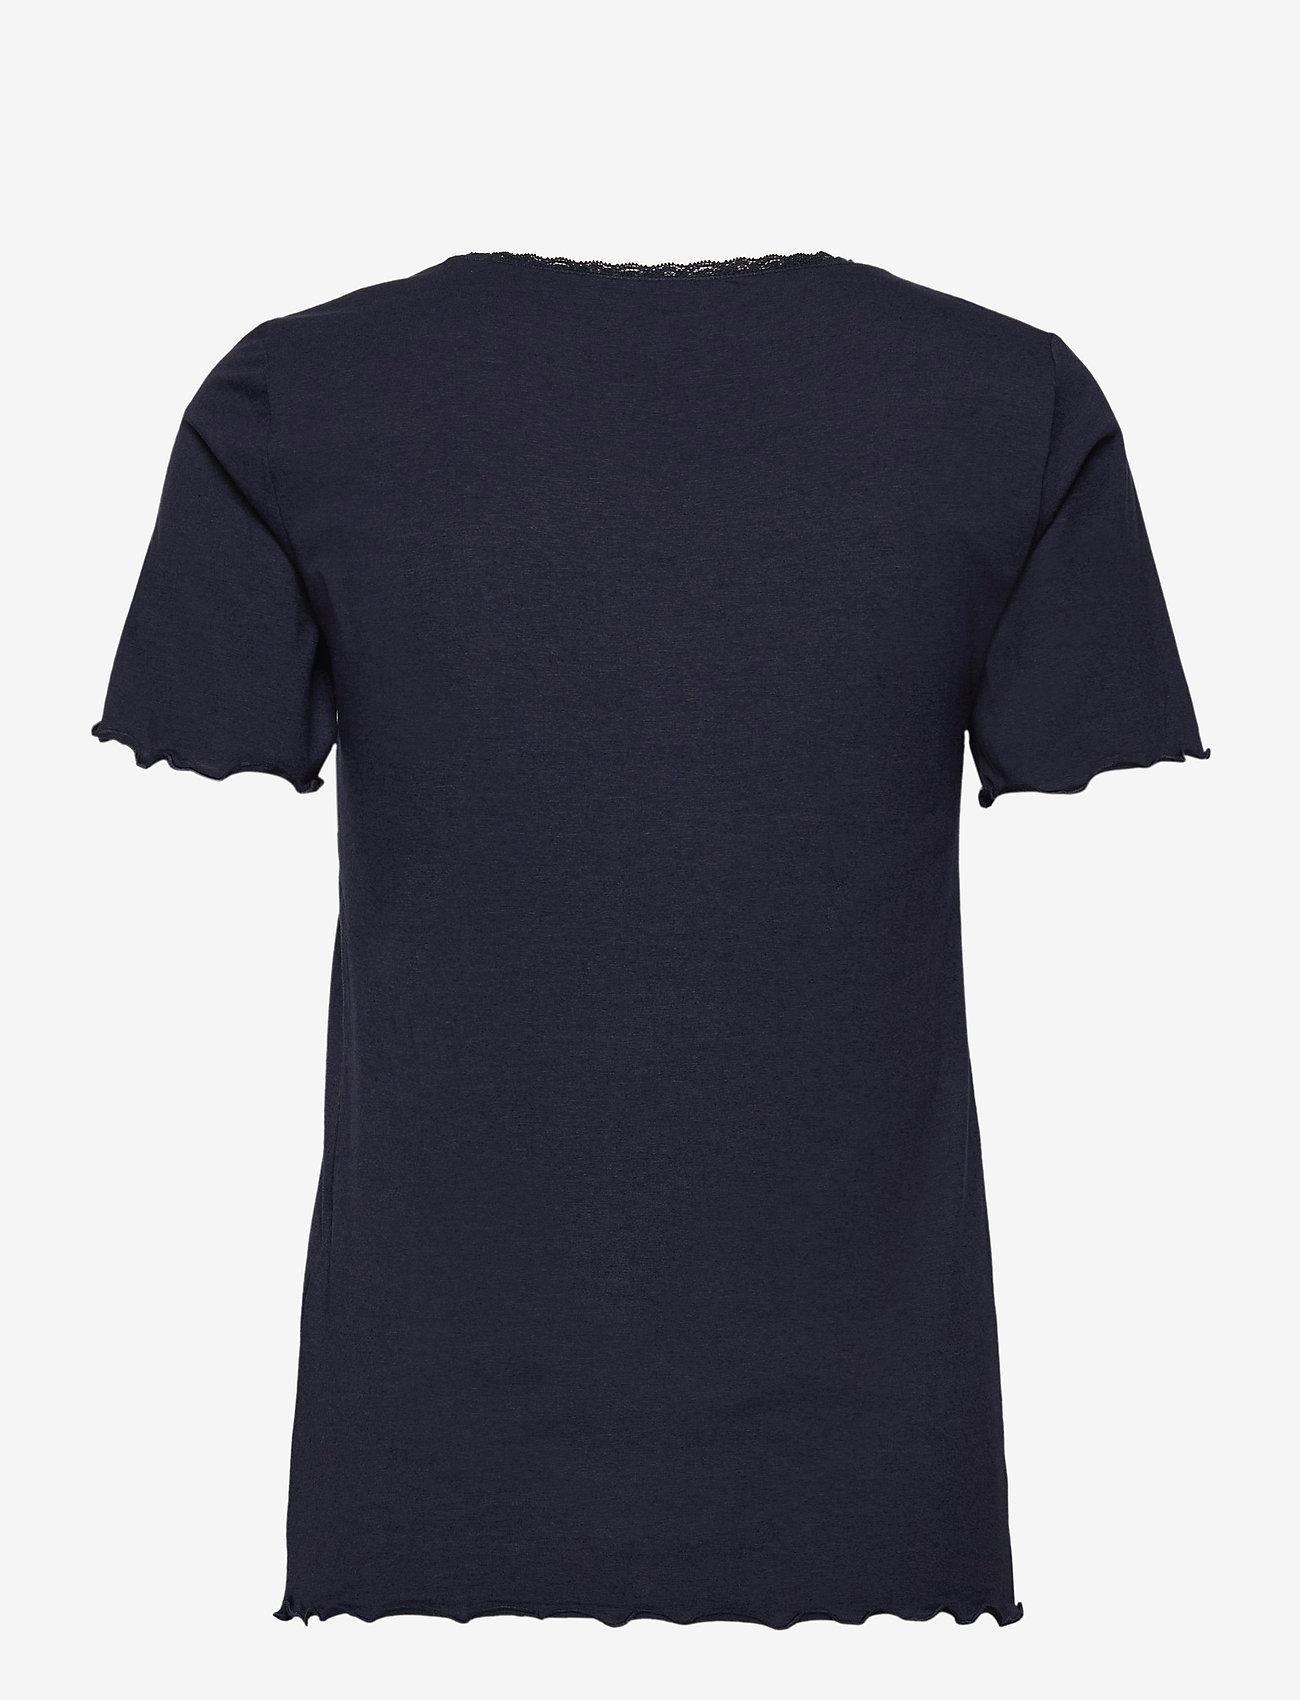 Brandtex - T-shirt s/s - t-shirts - midnight blue - 1